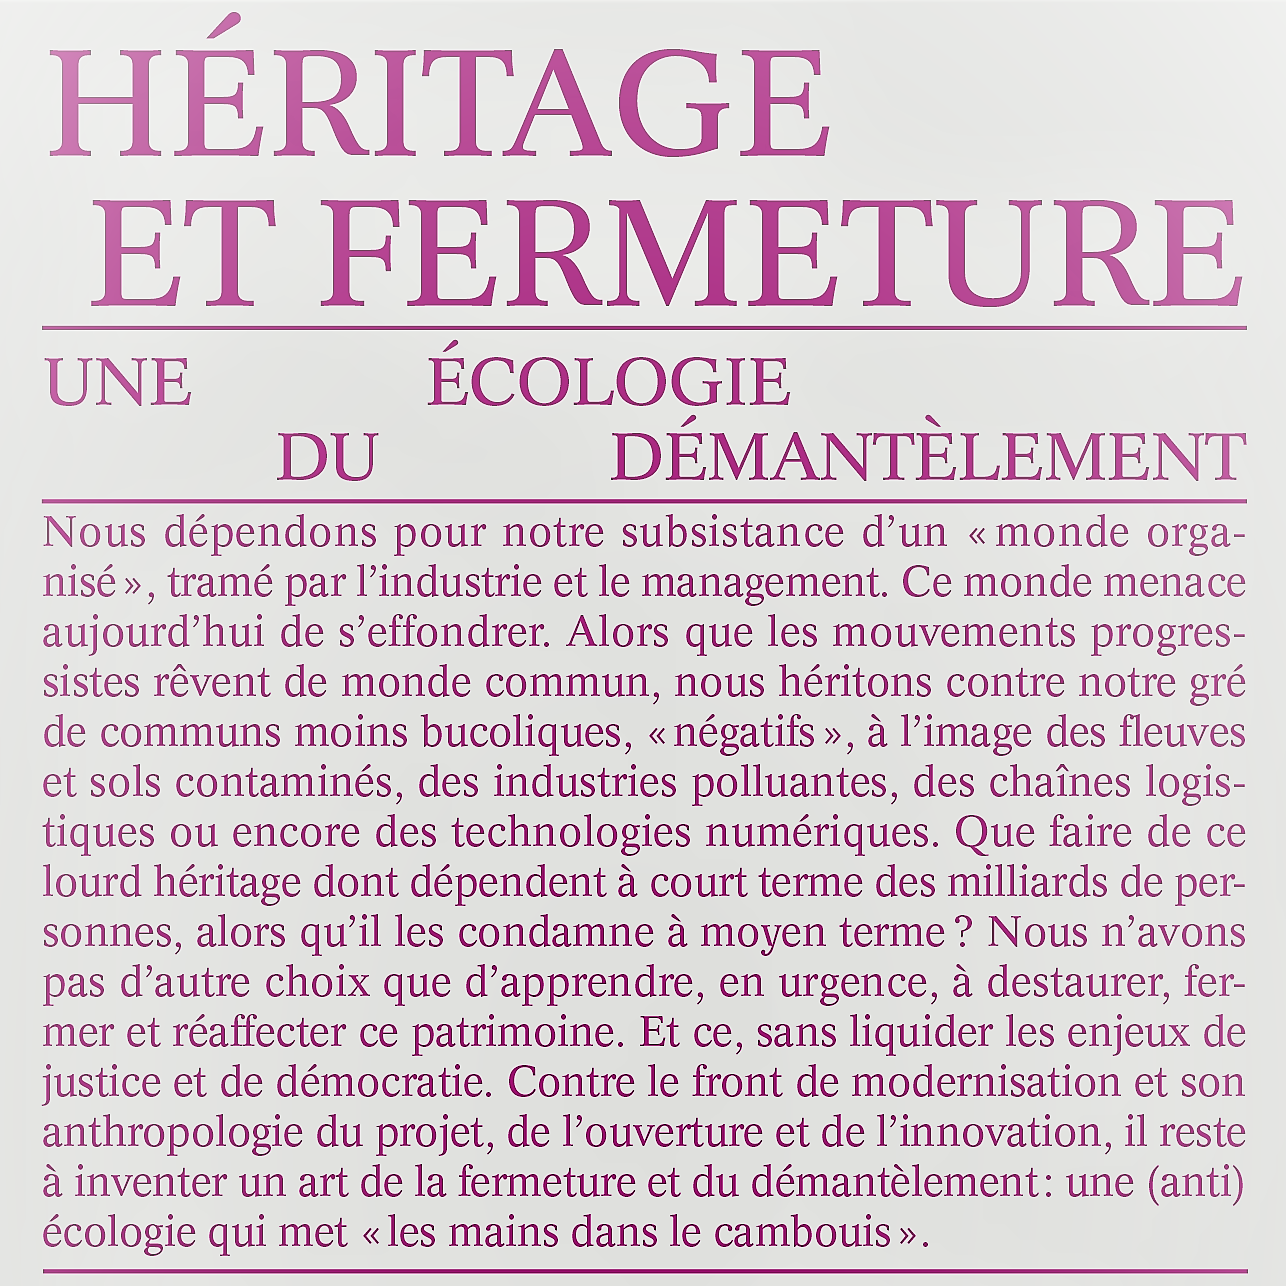 Couverture de Héritage et fermeture, par Emmanuel Bonnet, Diego Landivar et Alexandre Monnin